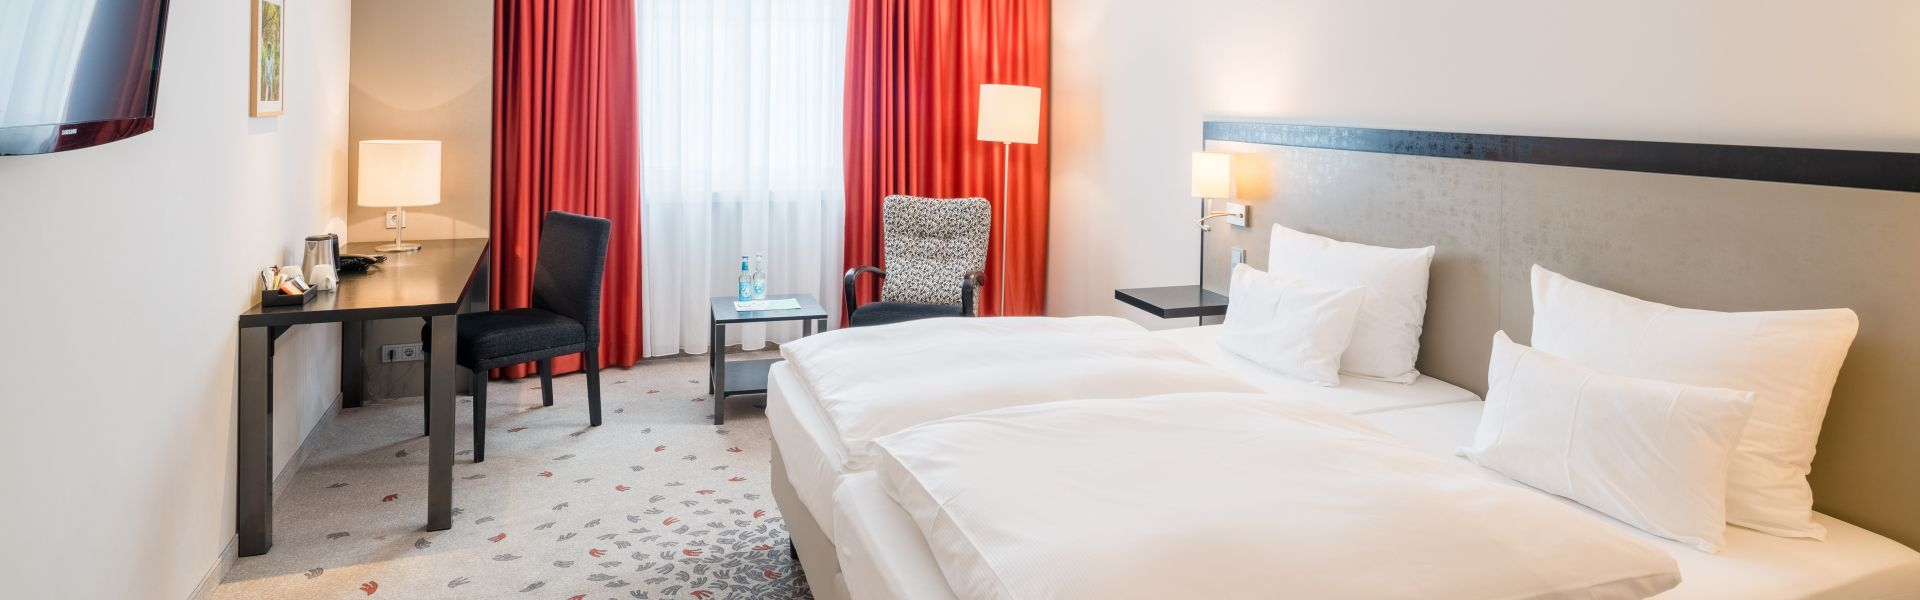 Bielefelder Hof Hotelzimmer Vorschau